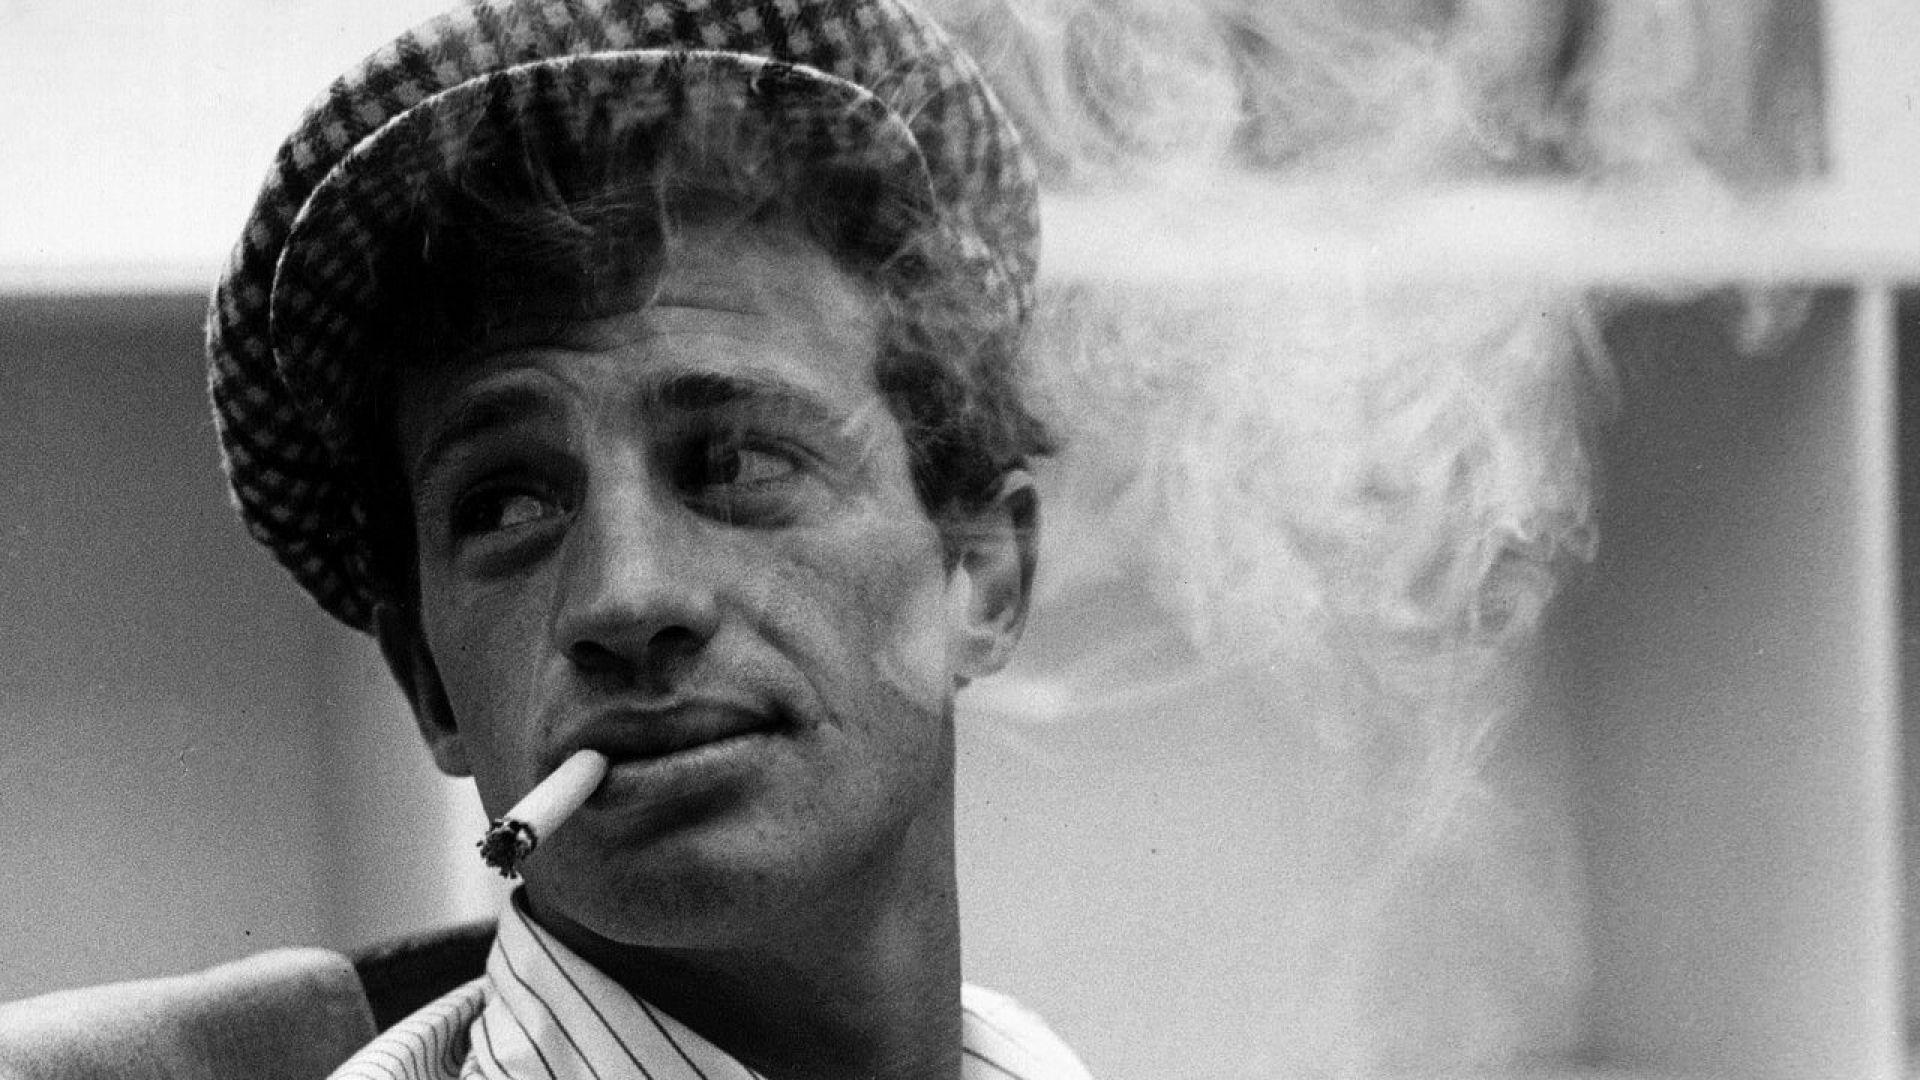 ژان پل بلموندو، ستاره فیلم از نفس افتاده درگذشت